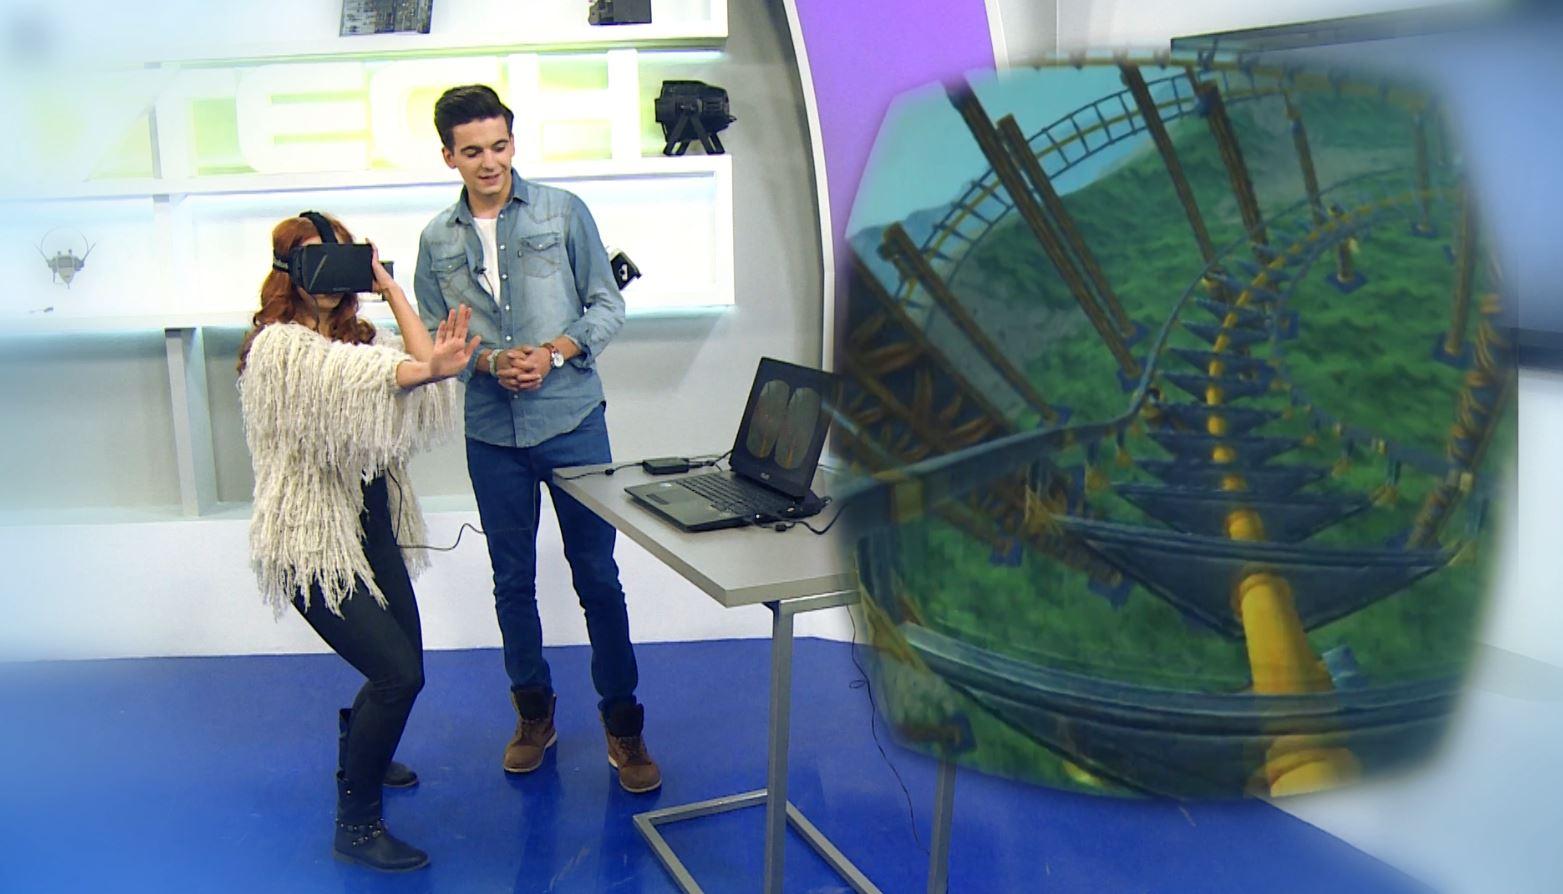 Emisiunea PLAYTECH: Cârcotim despre Oculus Rift și testăm stabilizarea optică